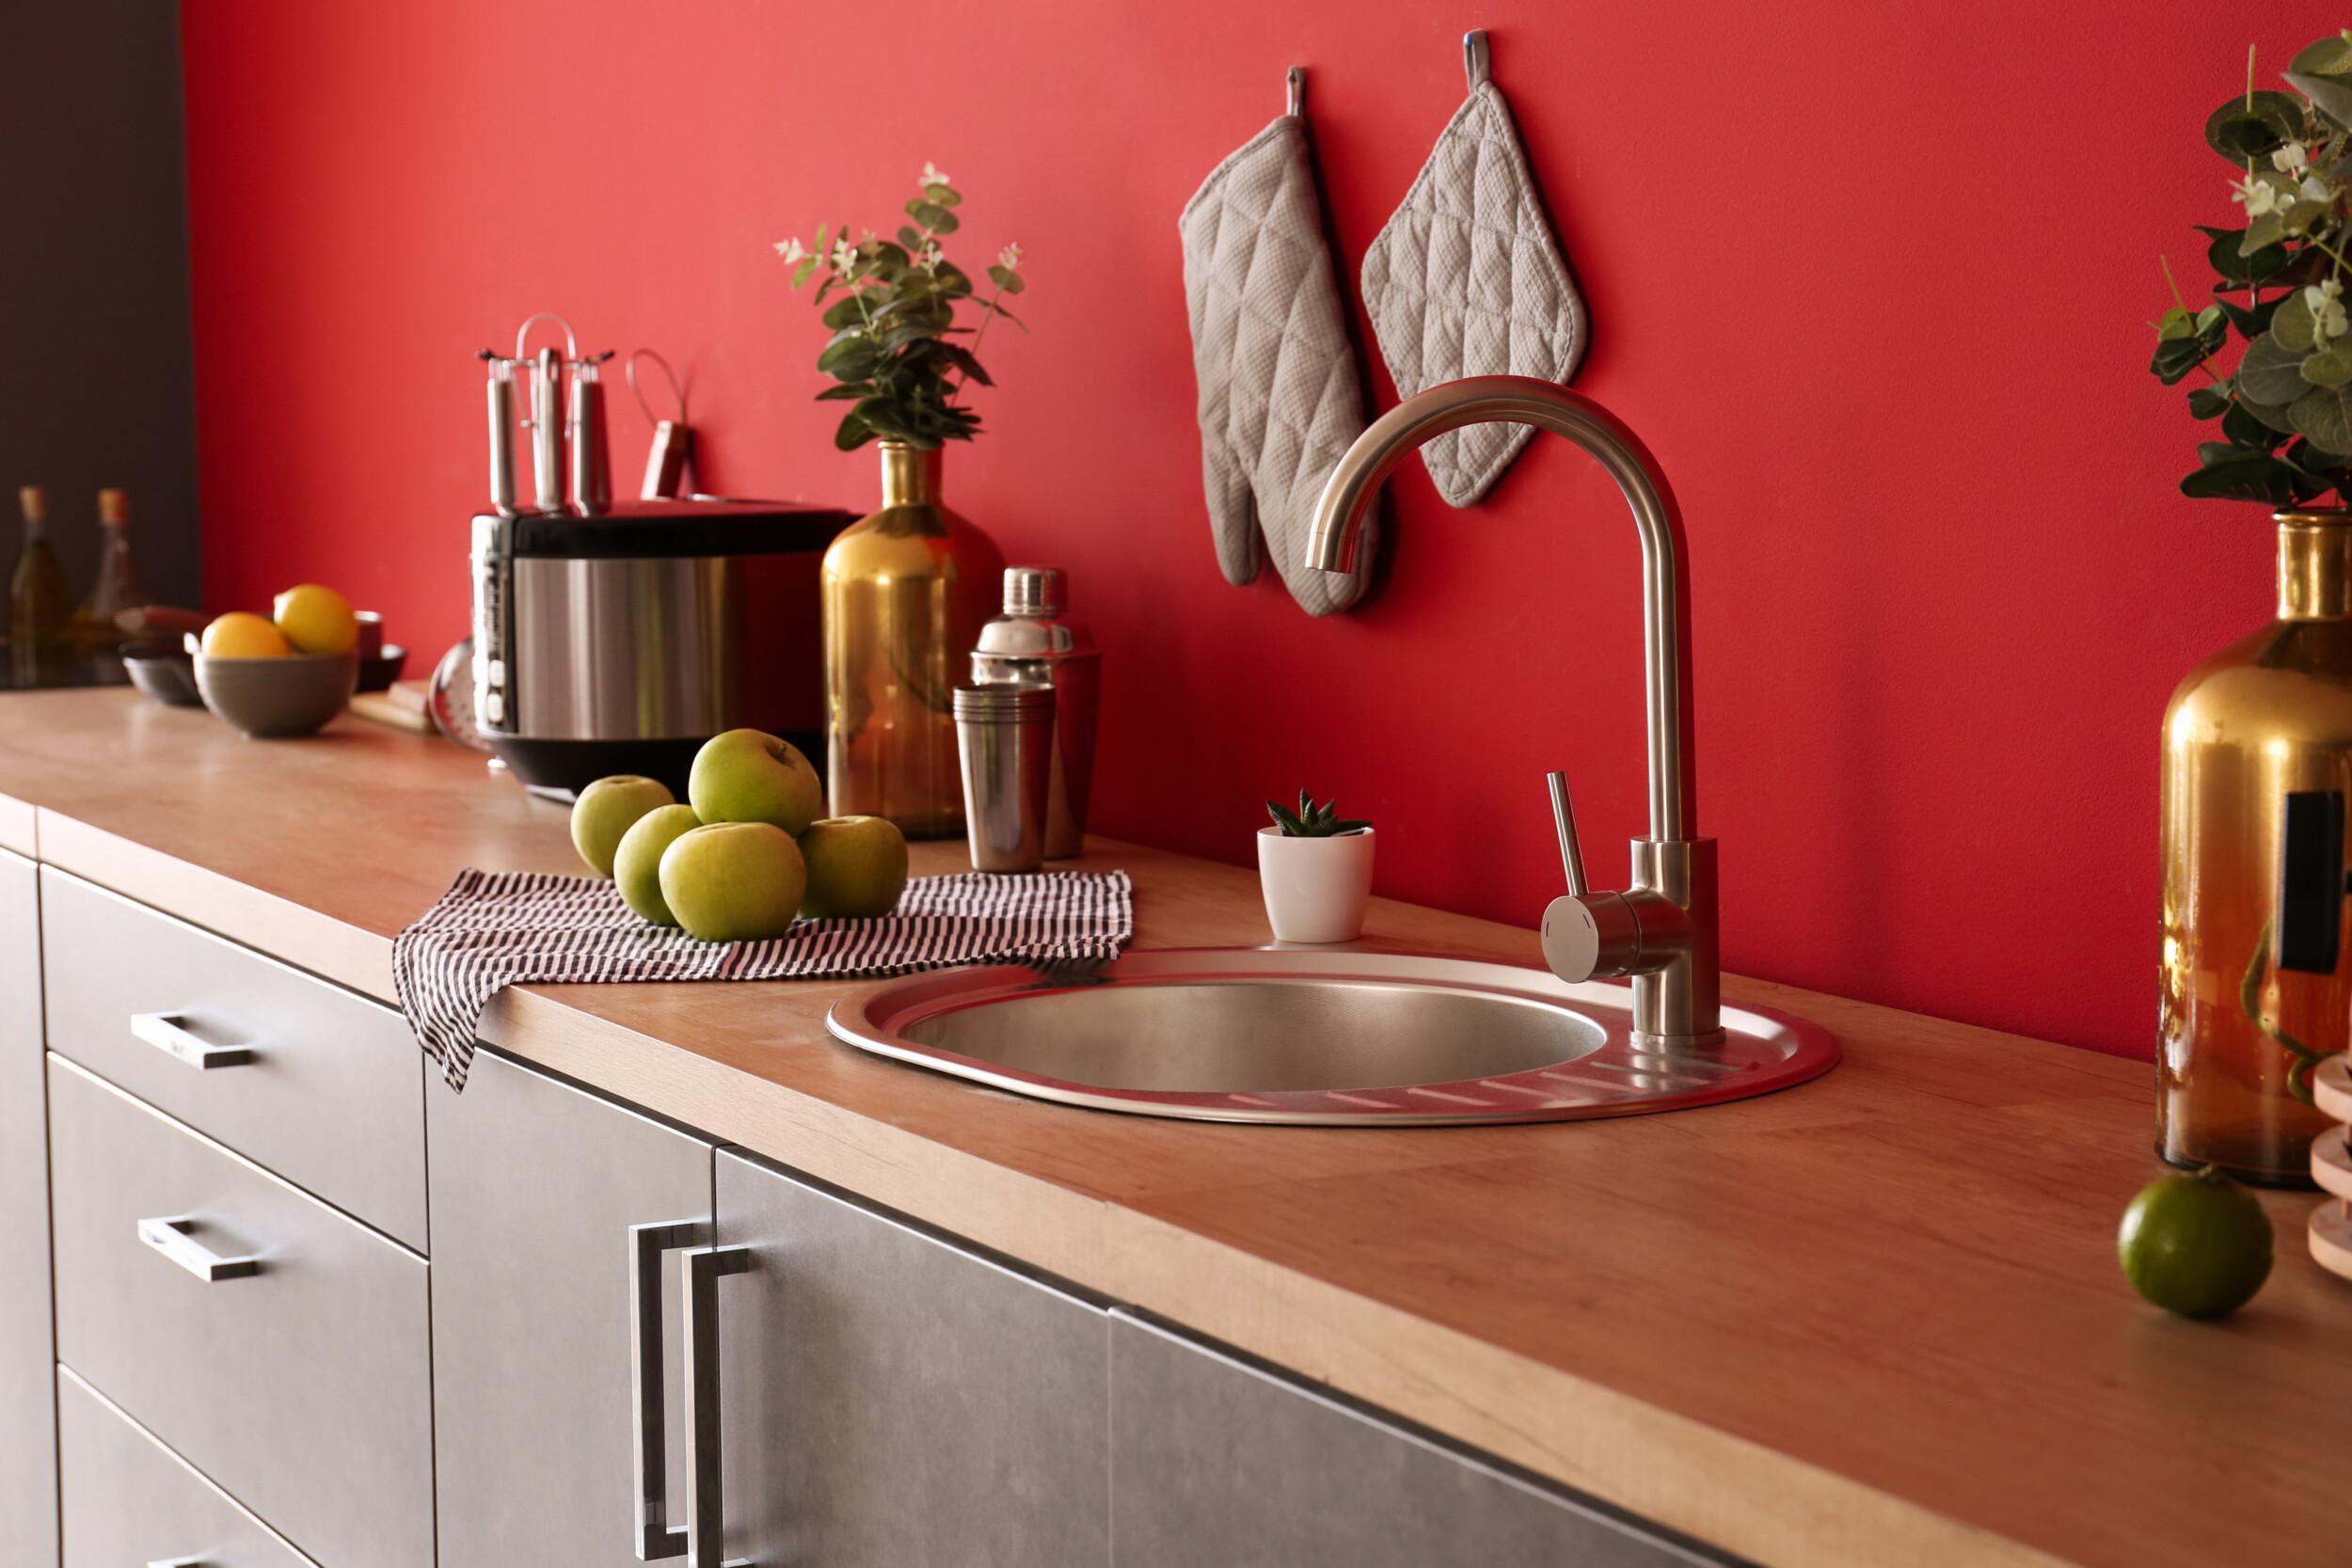 bright red kitchen interior